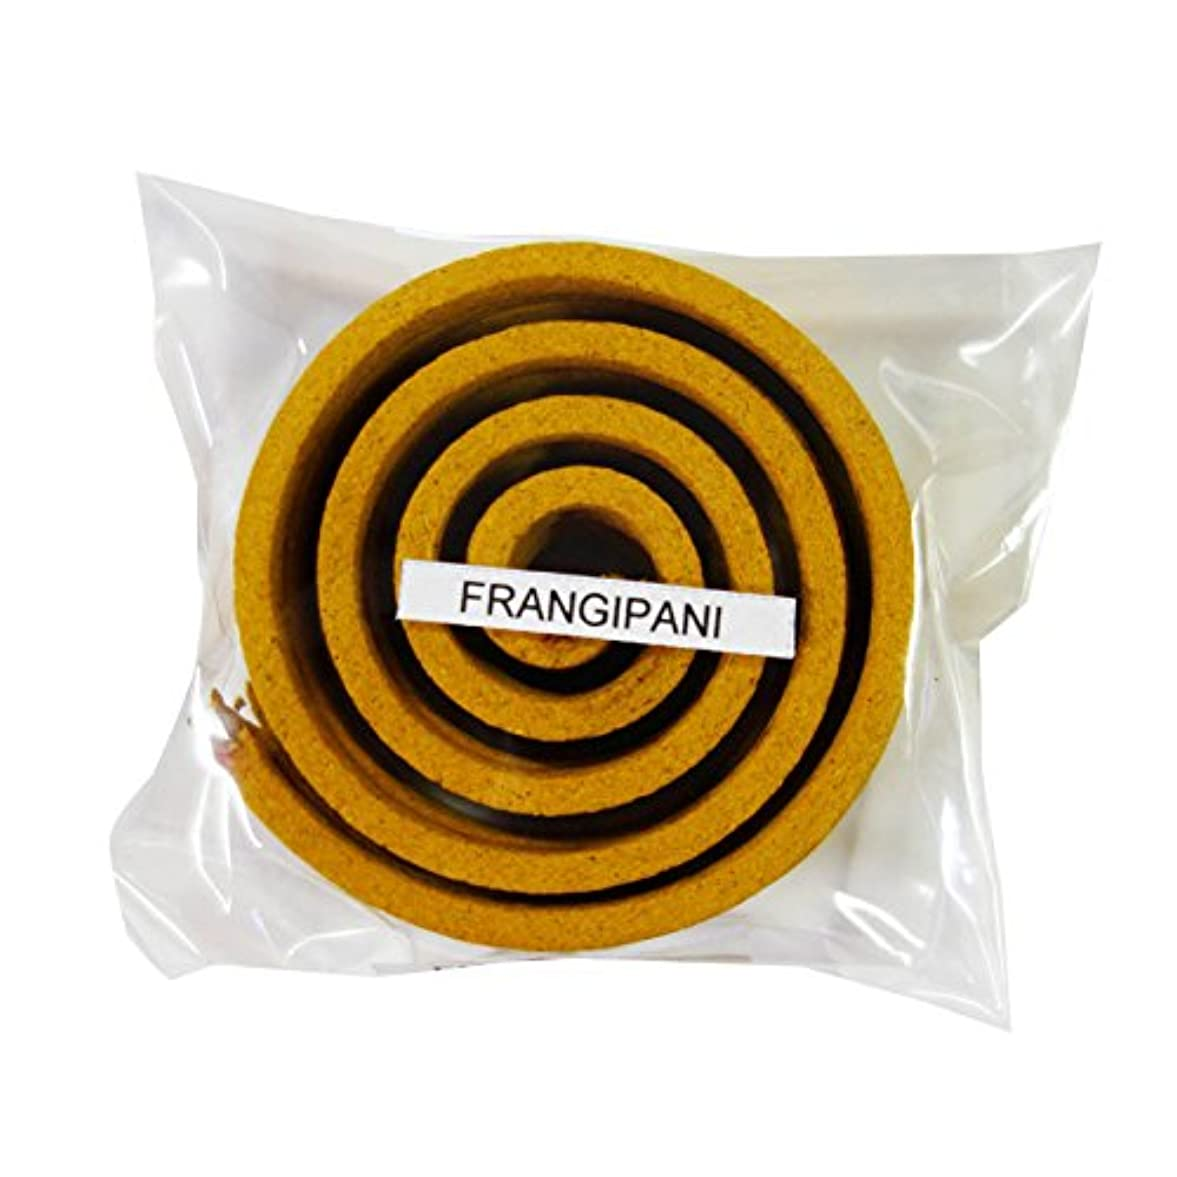 マット慣れる省お香/うずまき香 FRANGIPANI フランジパニ 直径6.5cm×5巻セット [並行輸入品]